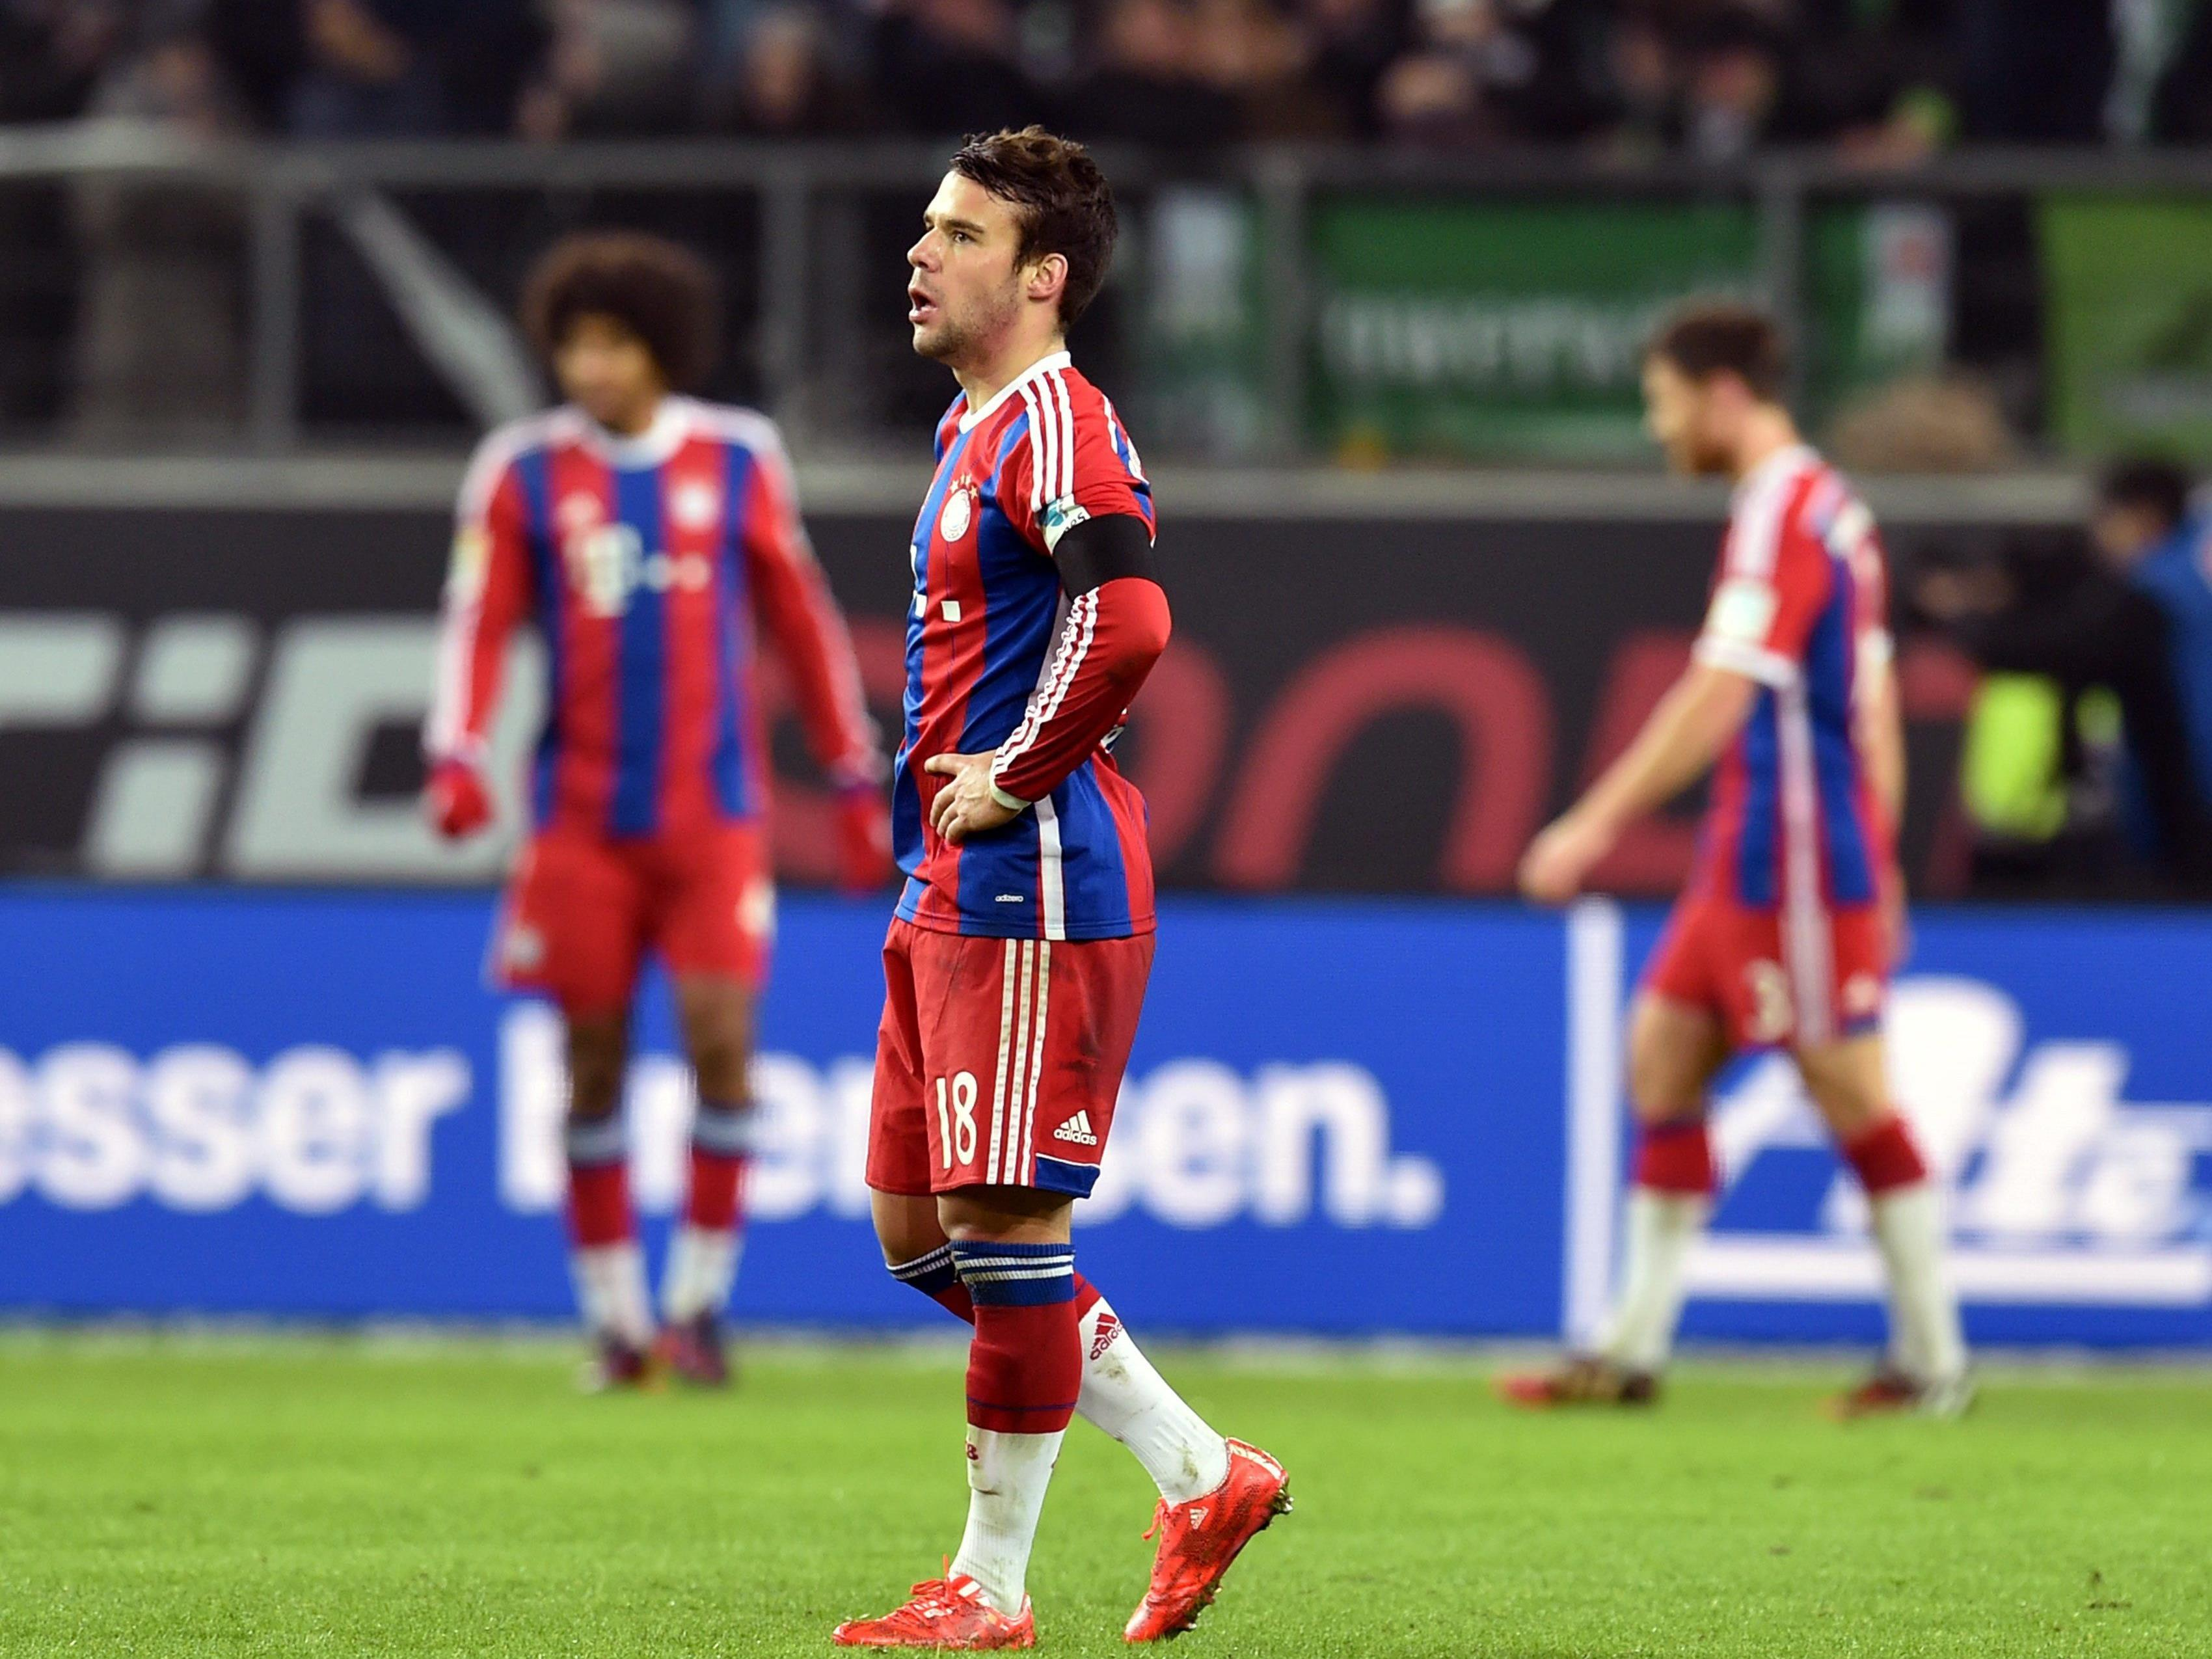 LIVE-Ticker zum Spiel Fc bayern München gegen Schalke 04 ab 20.00 Uhr.